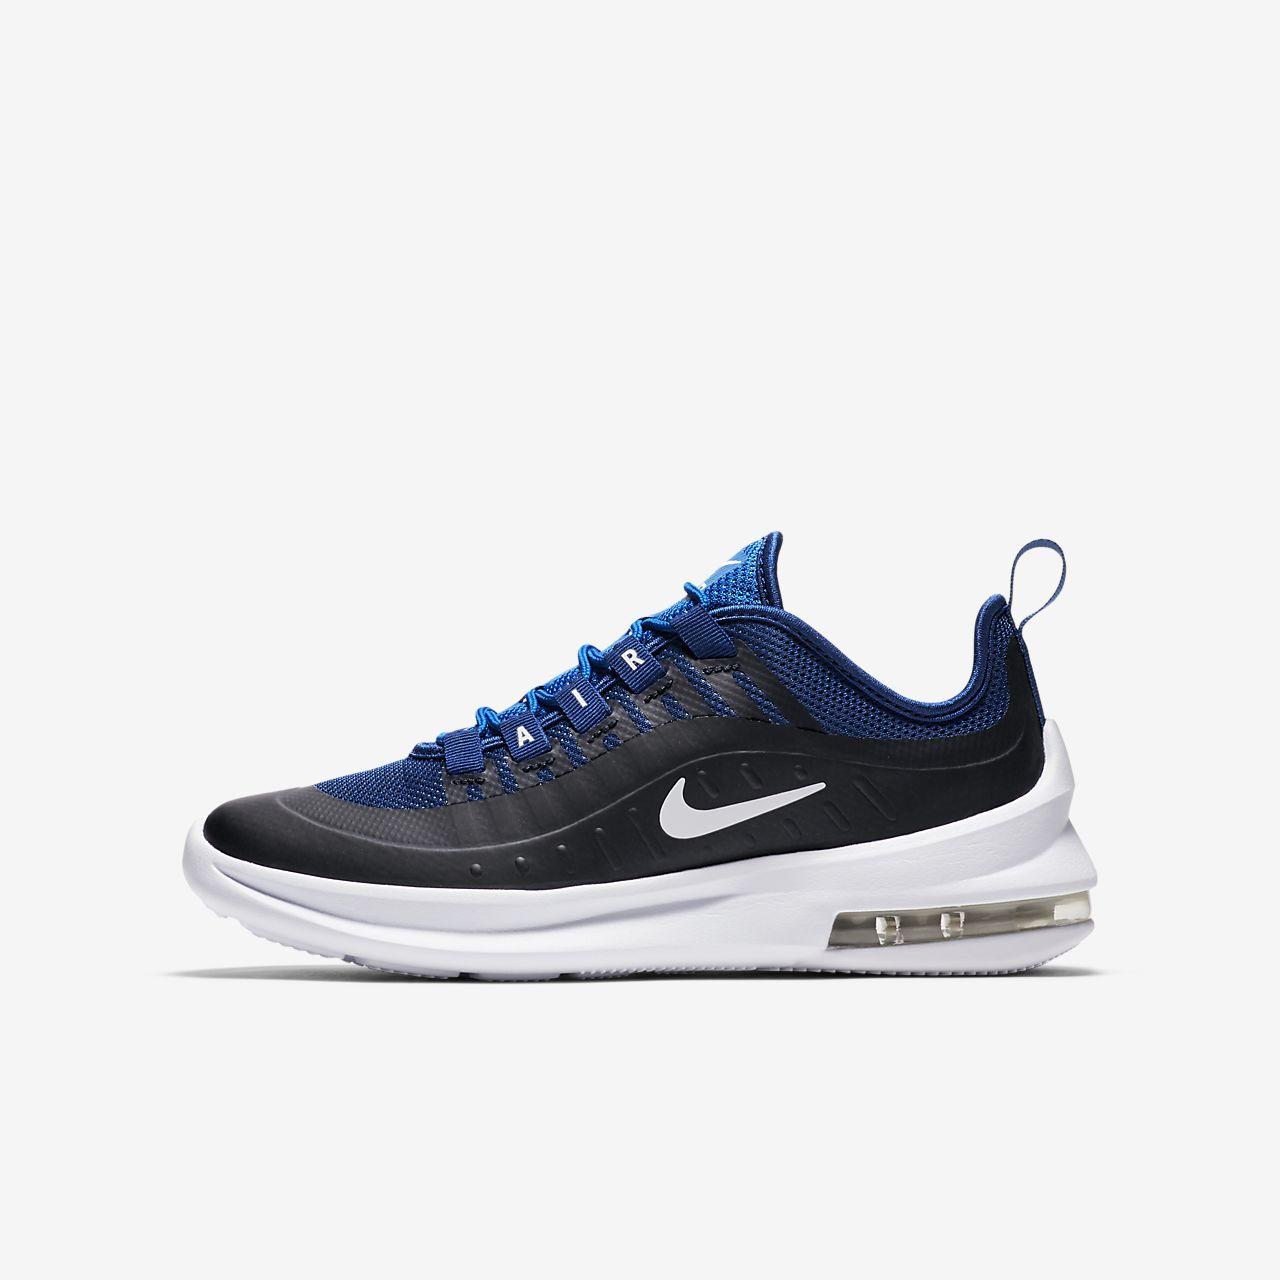 Nike Baskets  Air Max Axis Noir H noir - Chaussures Basket Homme